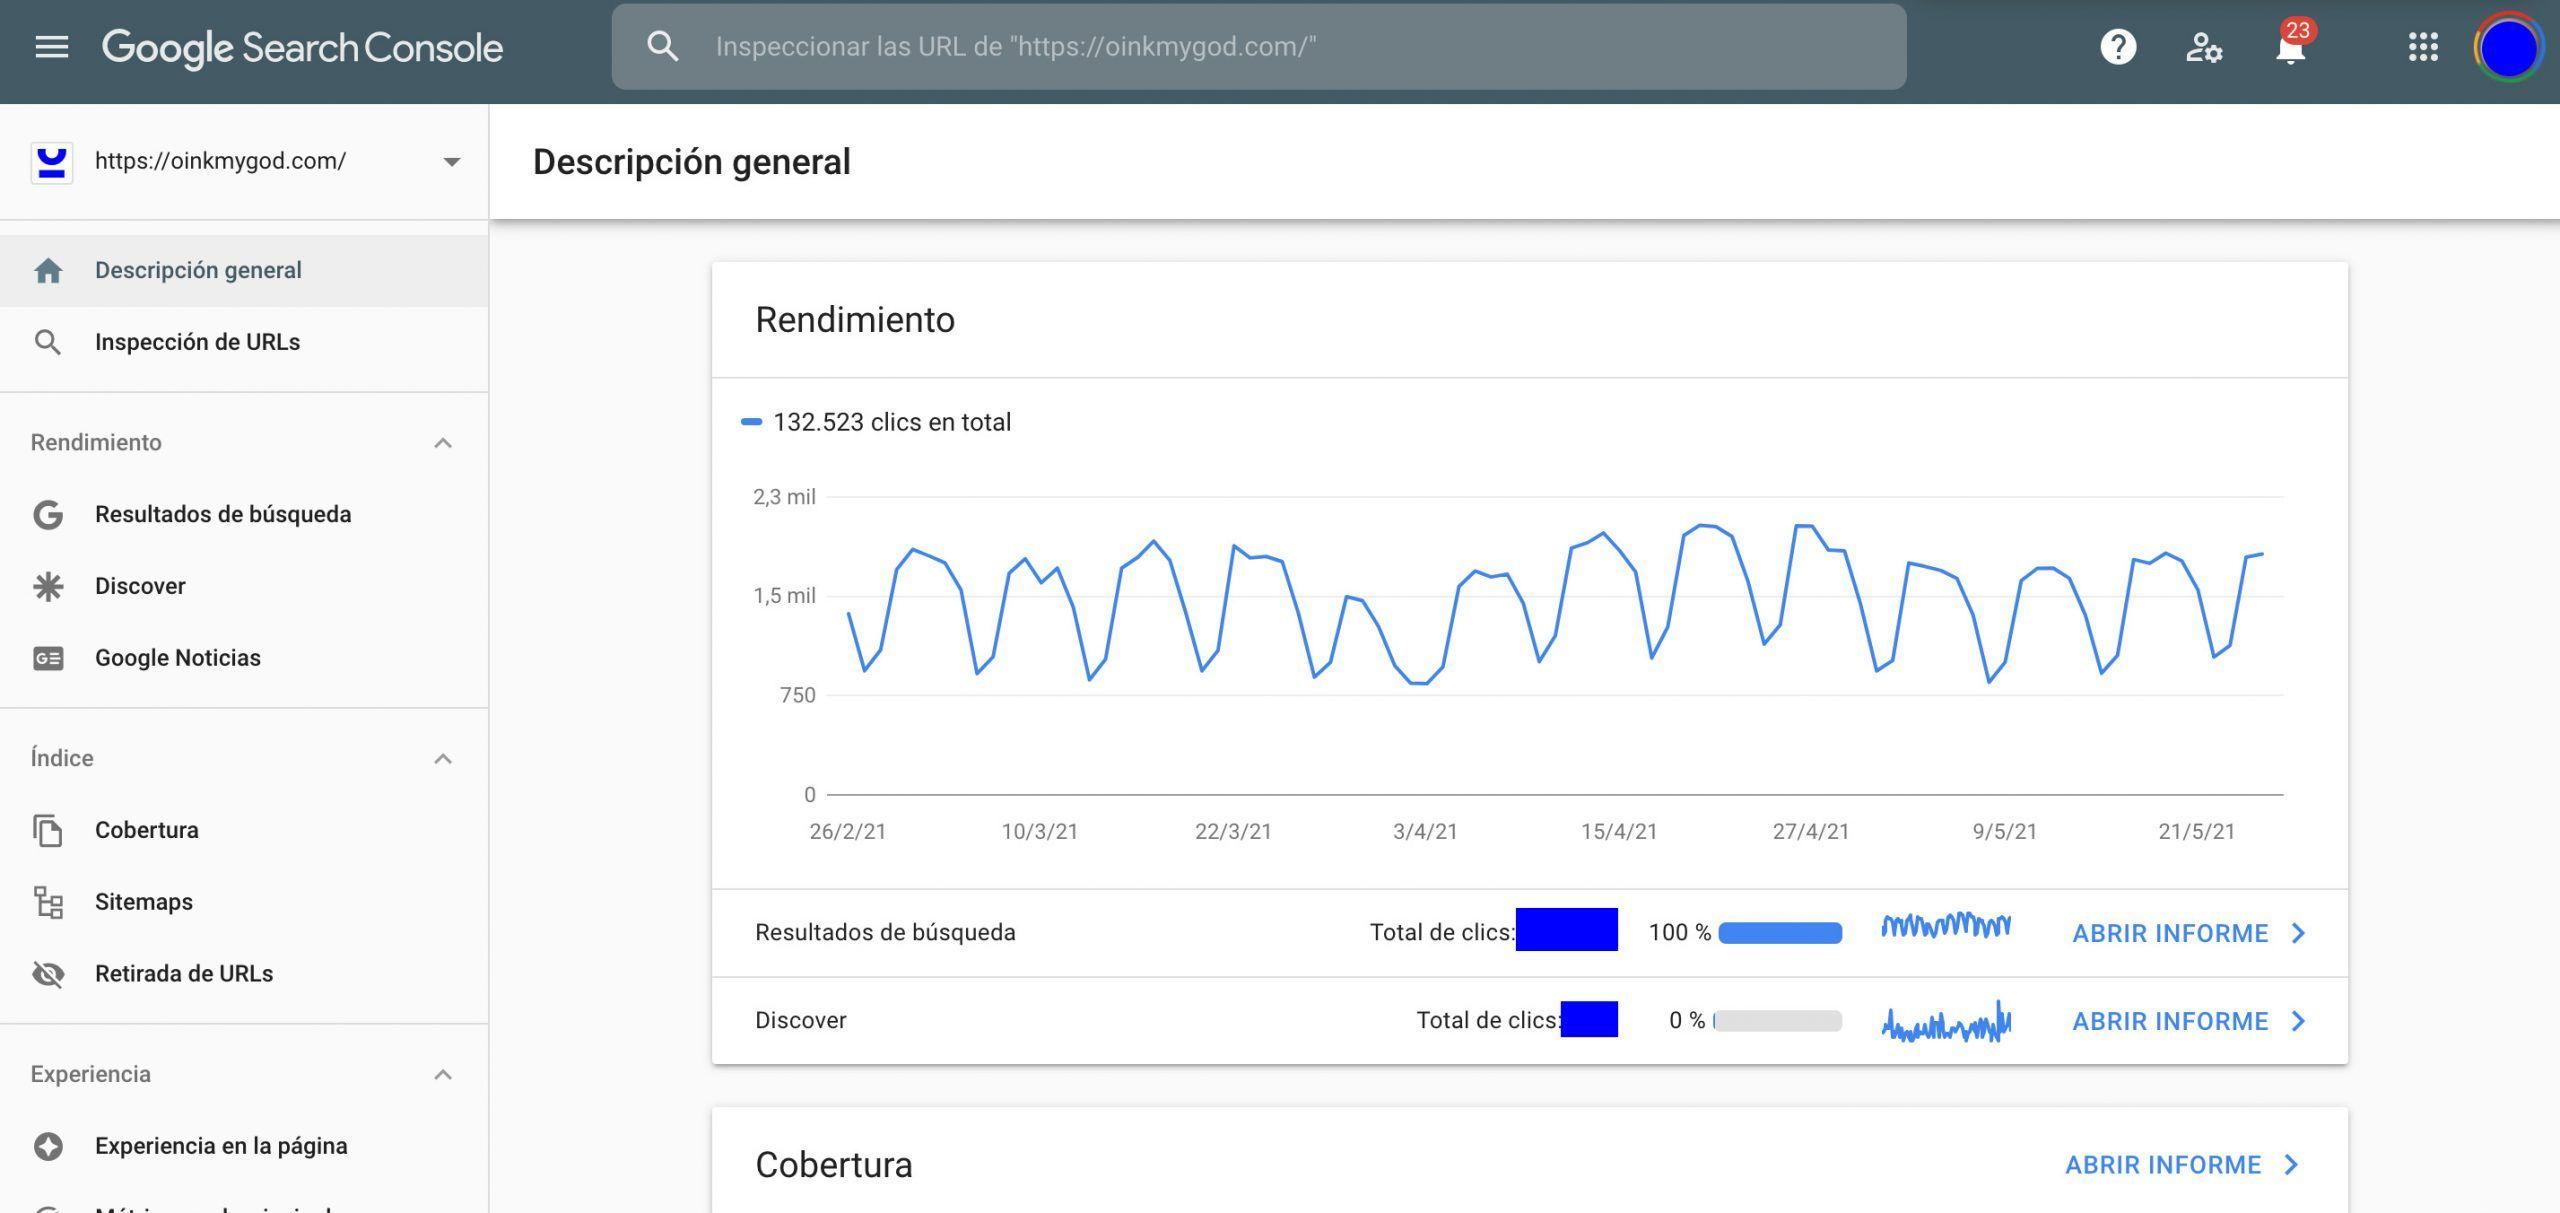 Google Search Console Descripcion General